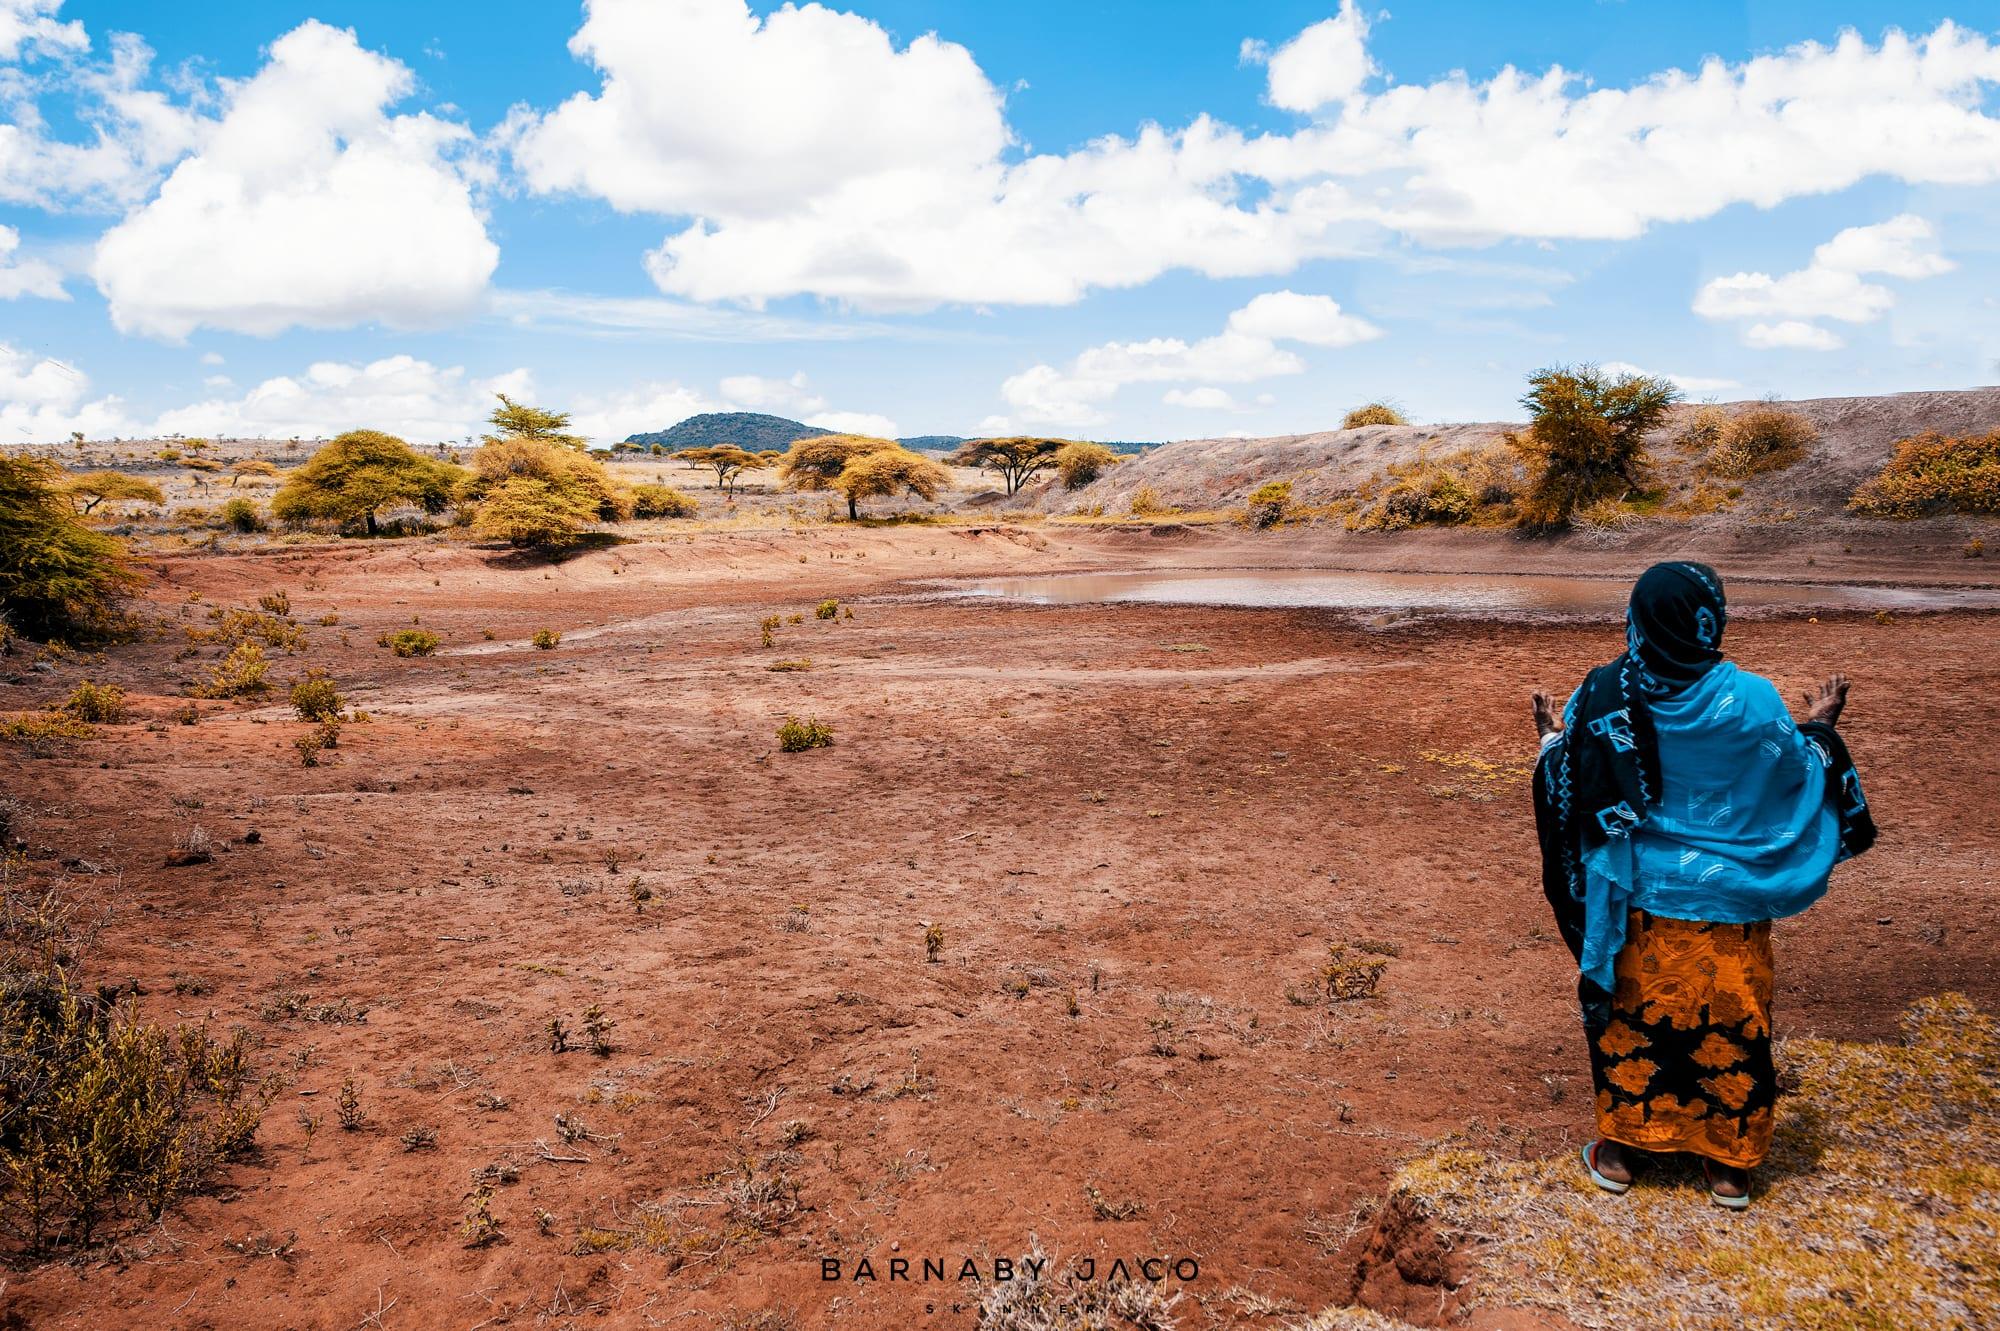 Imaging Aid Work in Ethiopia's Borana Zone